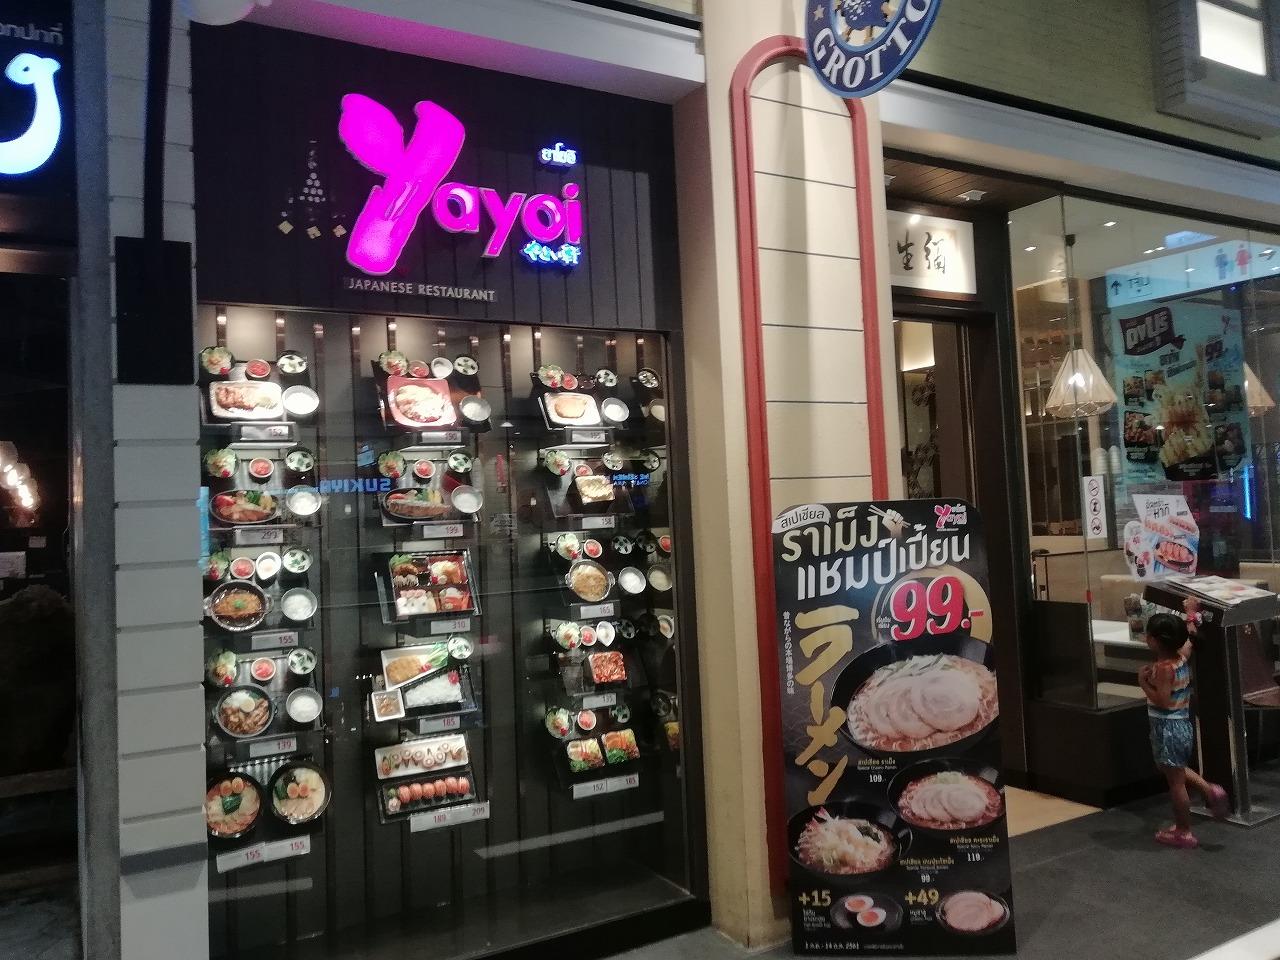 ターミナル21 コラート yayoi(やよい軒) 写真 画像